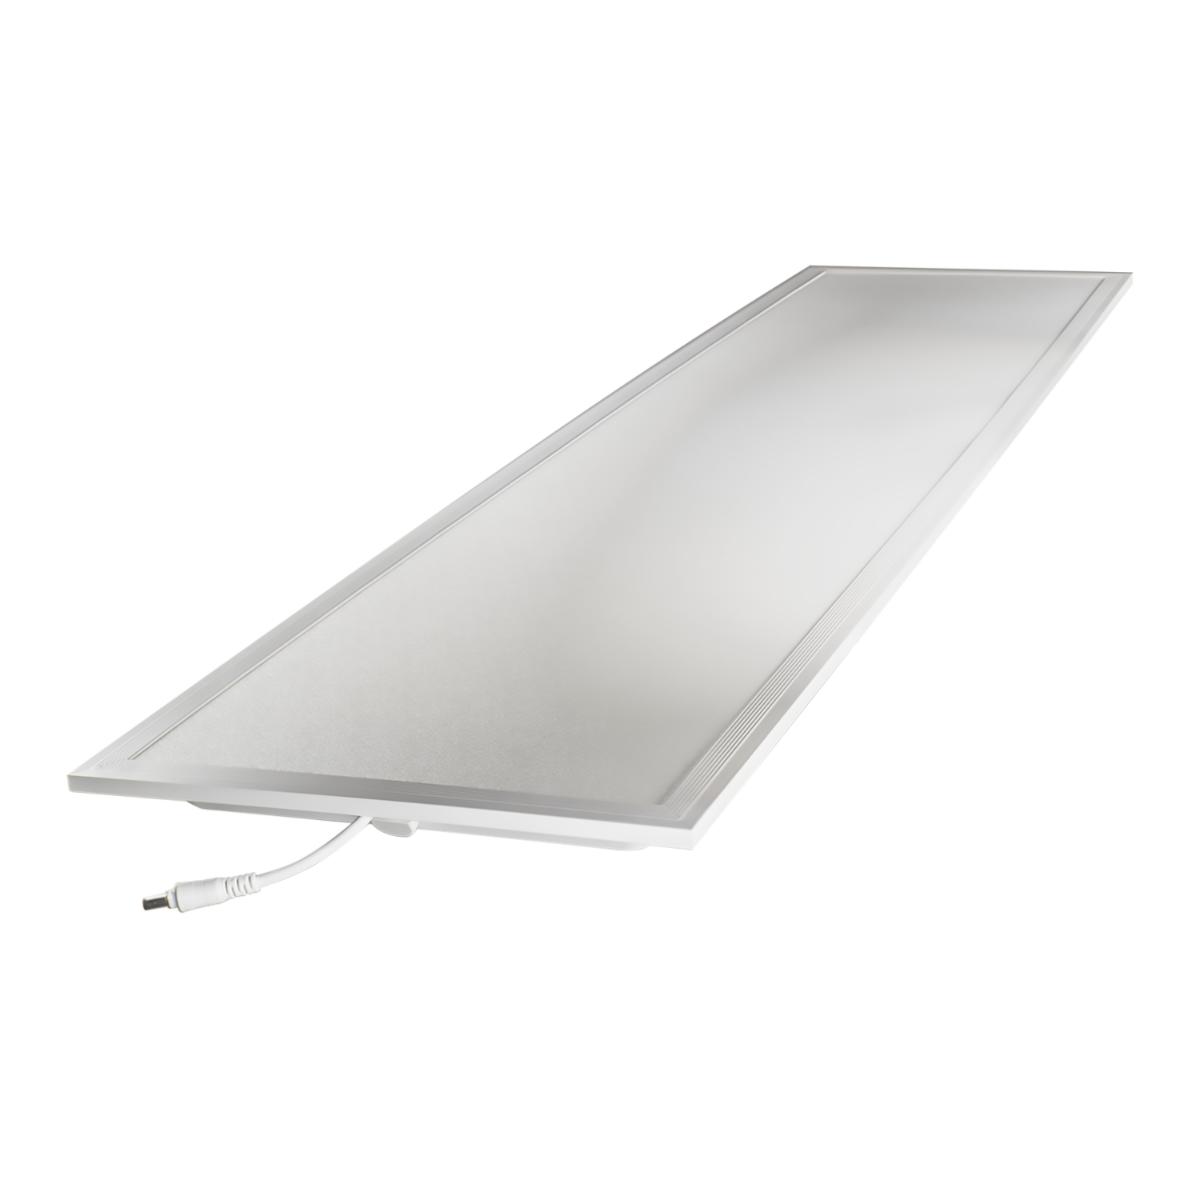 Noxion Panneau LED Econox 32W Xitanium DALI 30x120cm 6500K 4400lm UGR <22 | Dali Dimmable - Lumière du Jour - Substitut 2x36W